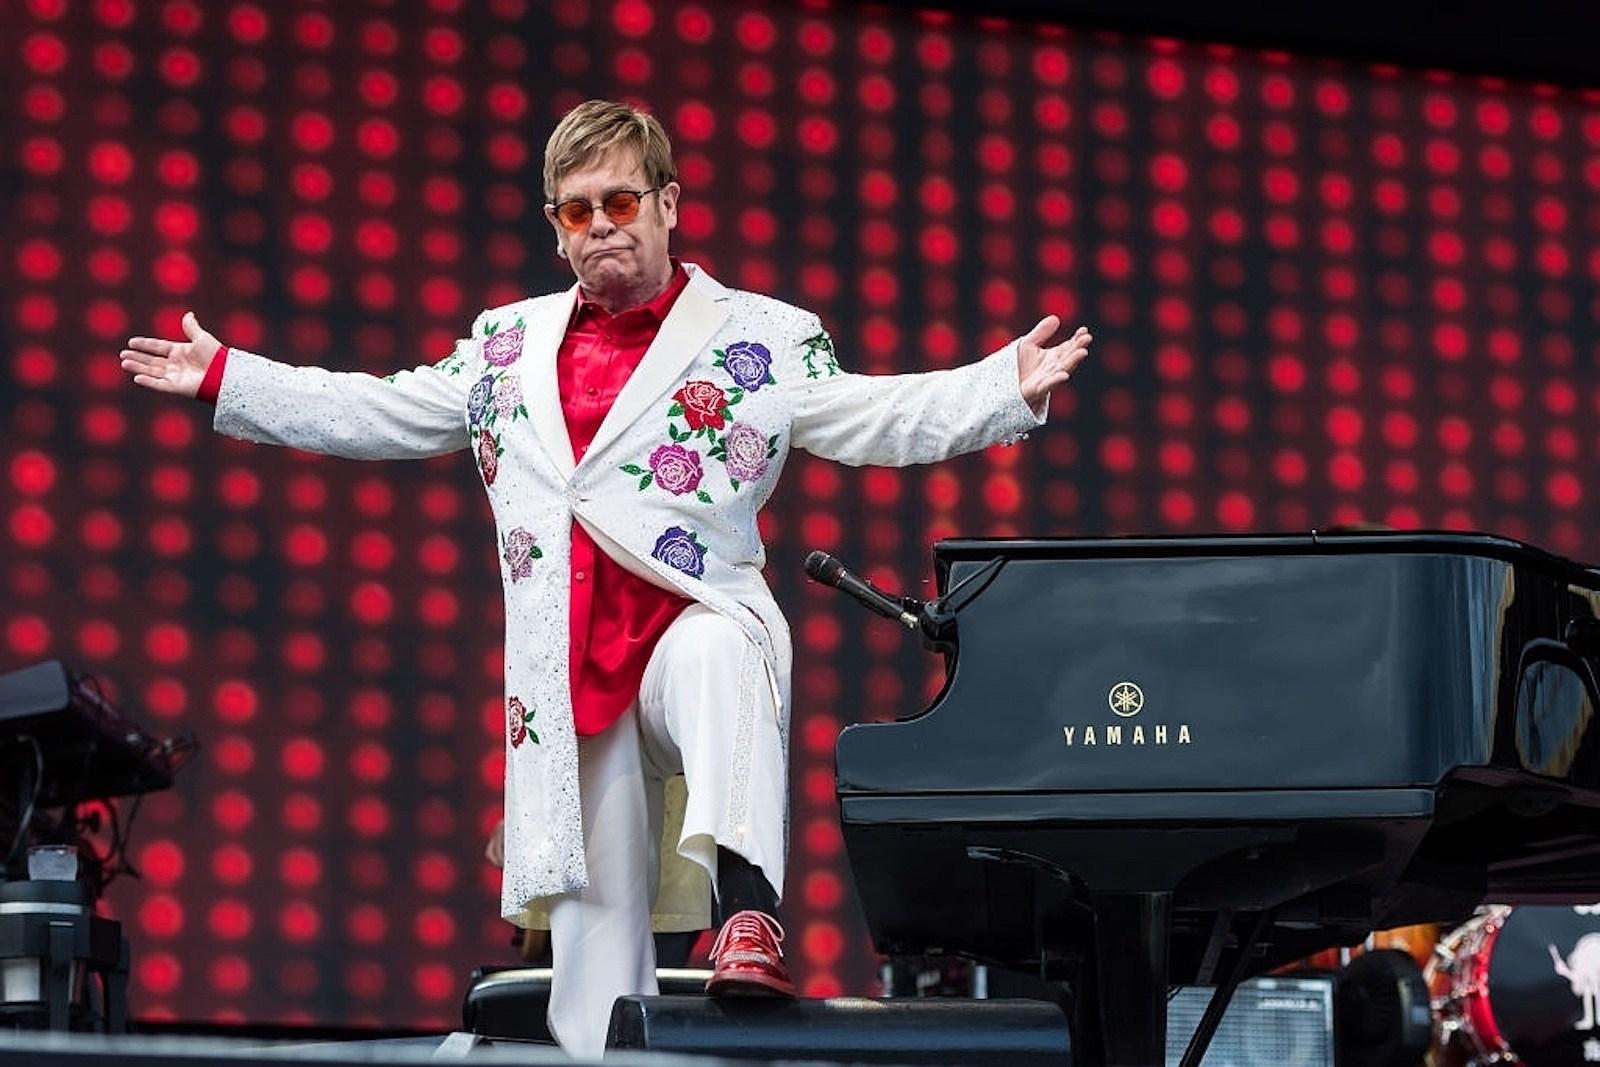 Elton John Announces Final 2022 U.S. Tour Dates